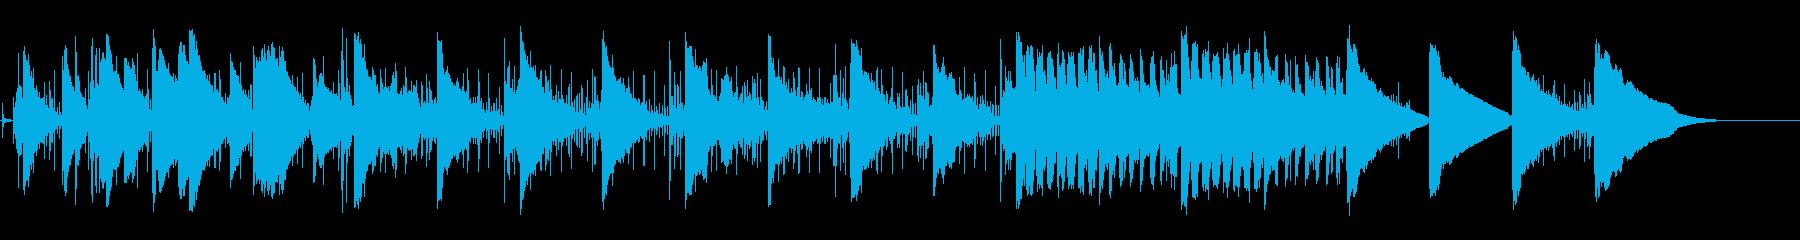 孤独を愛するロボットのイメージ曲の再生済みの波形